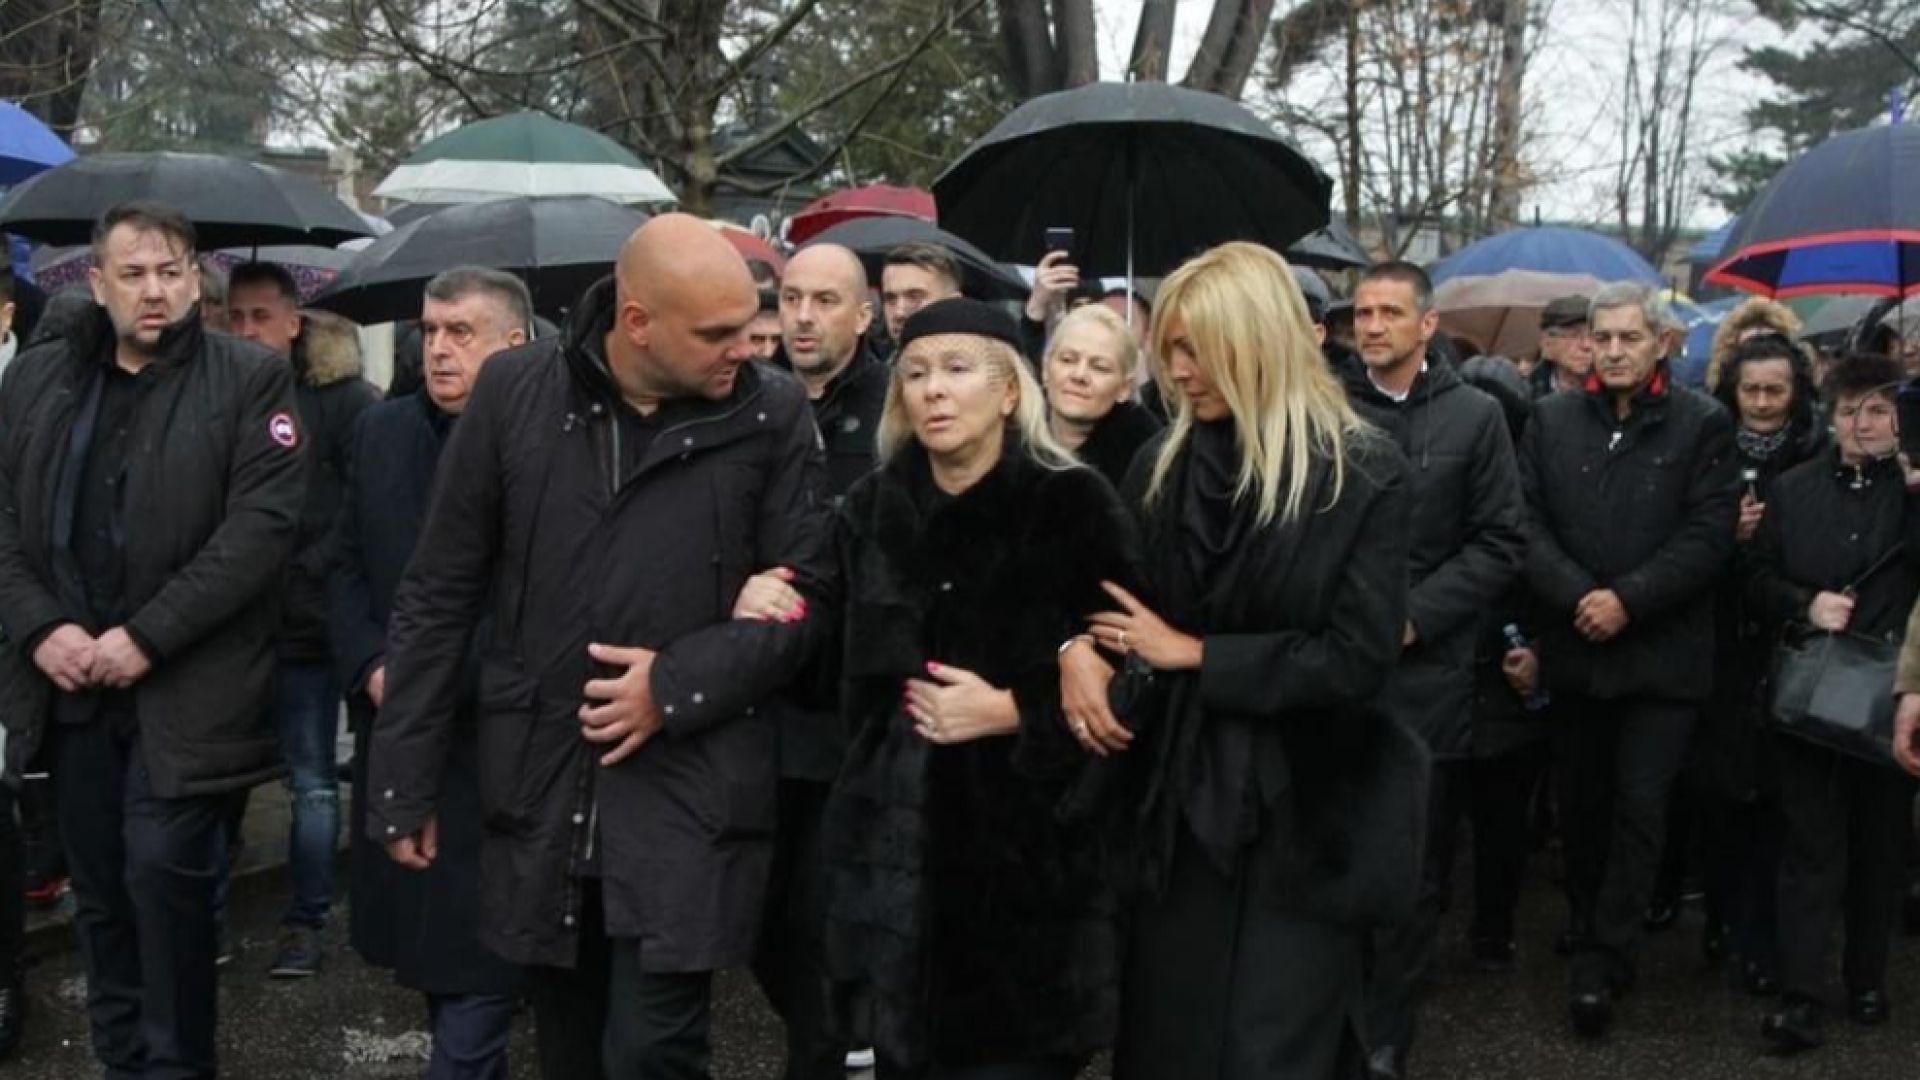 Снимка: Хиляди се прощават с Шабан Шаулич, Цеца Величкович пристигна със сестра си